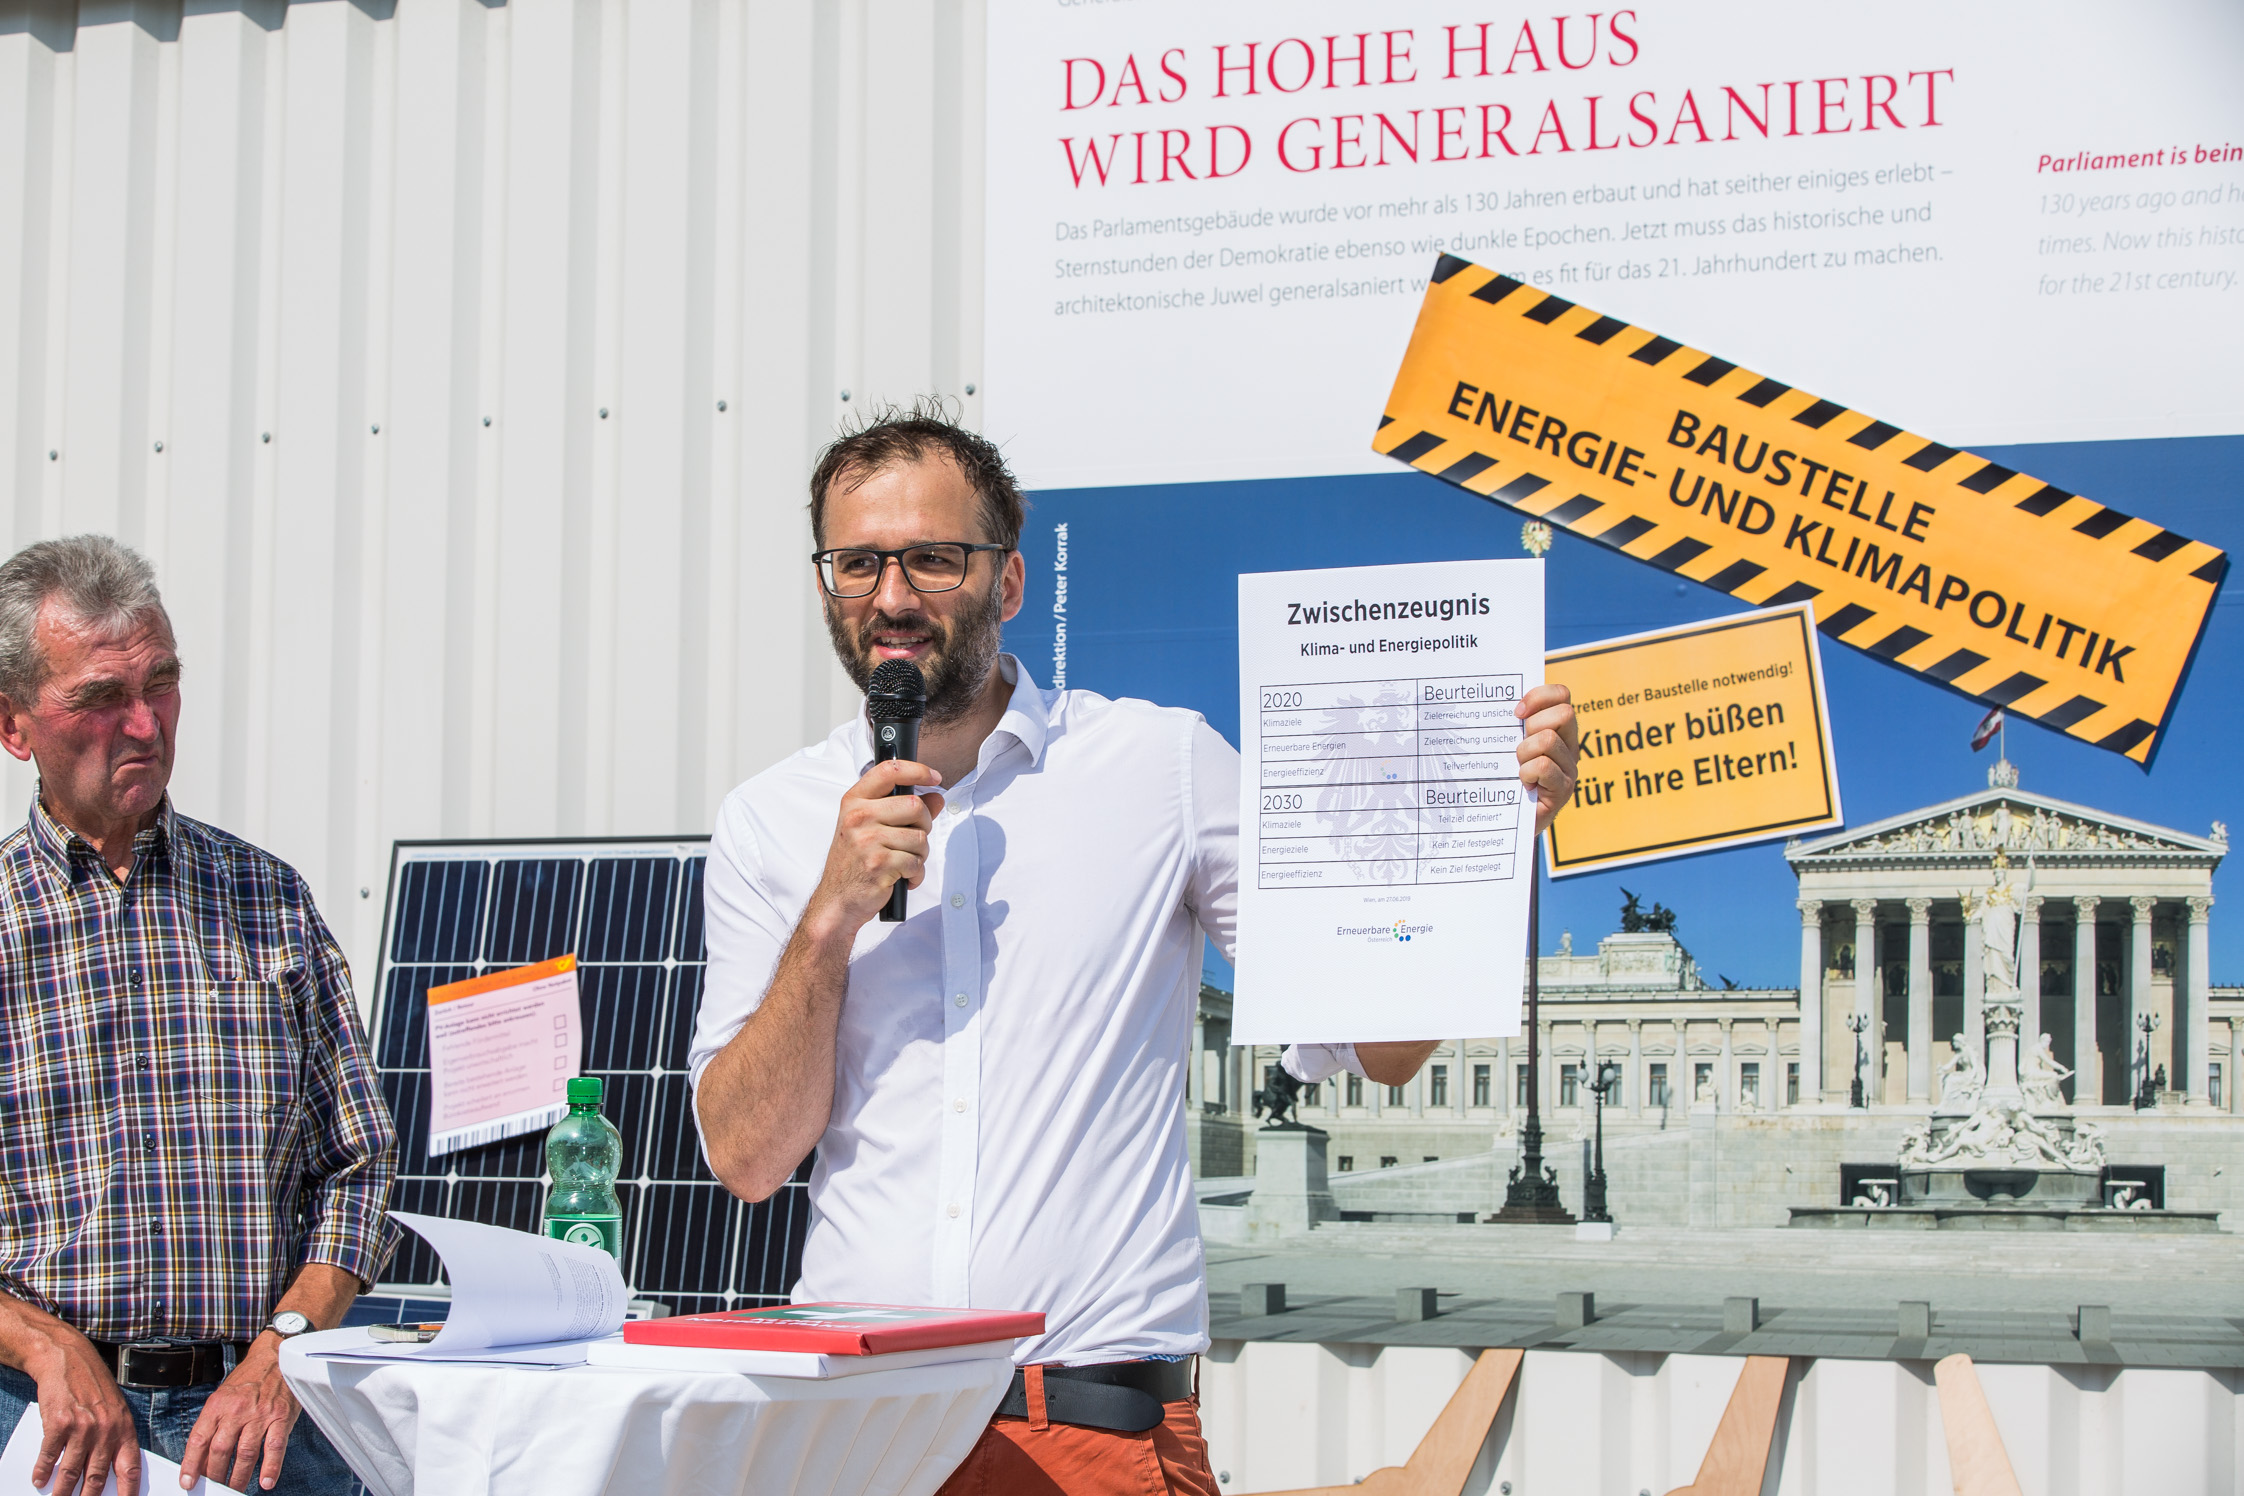 PK_Klimapolitik_049.jpg